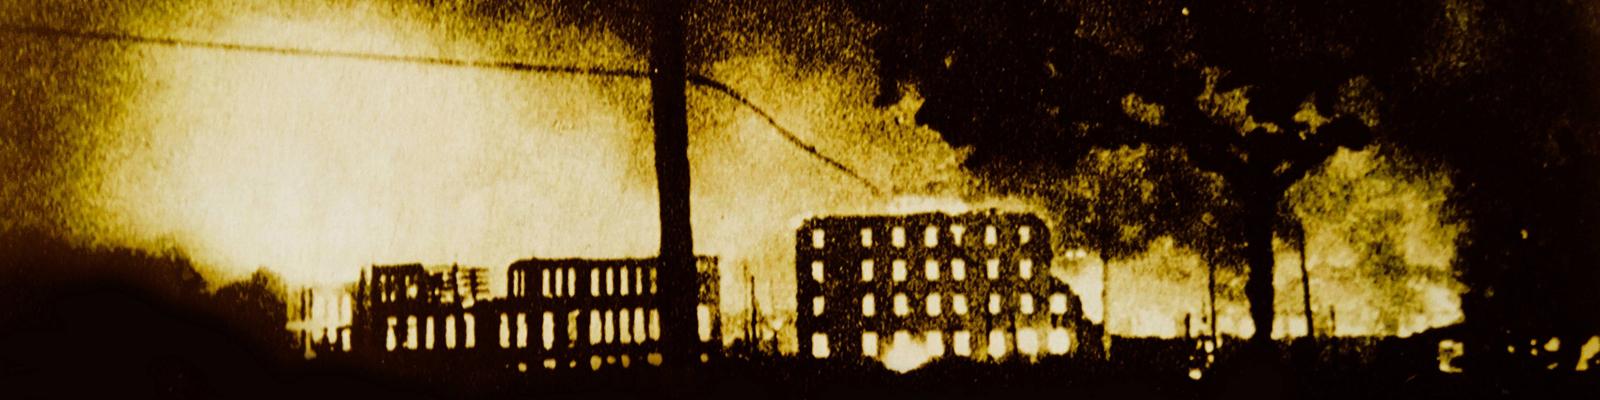 Panorama der brennenden Stadt Gernika nach einem Bombenangriff durch deutsche Kampfflieger im Spanischen Bürgerkrieg 1937